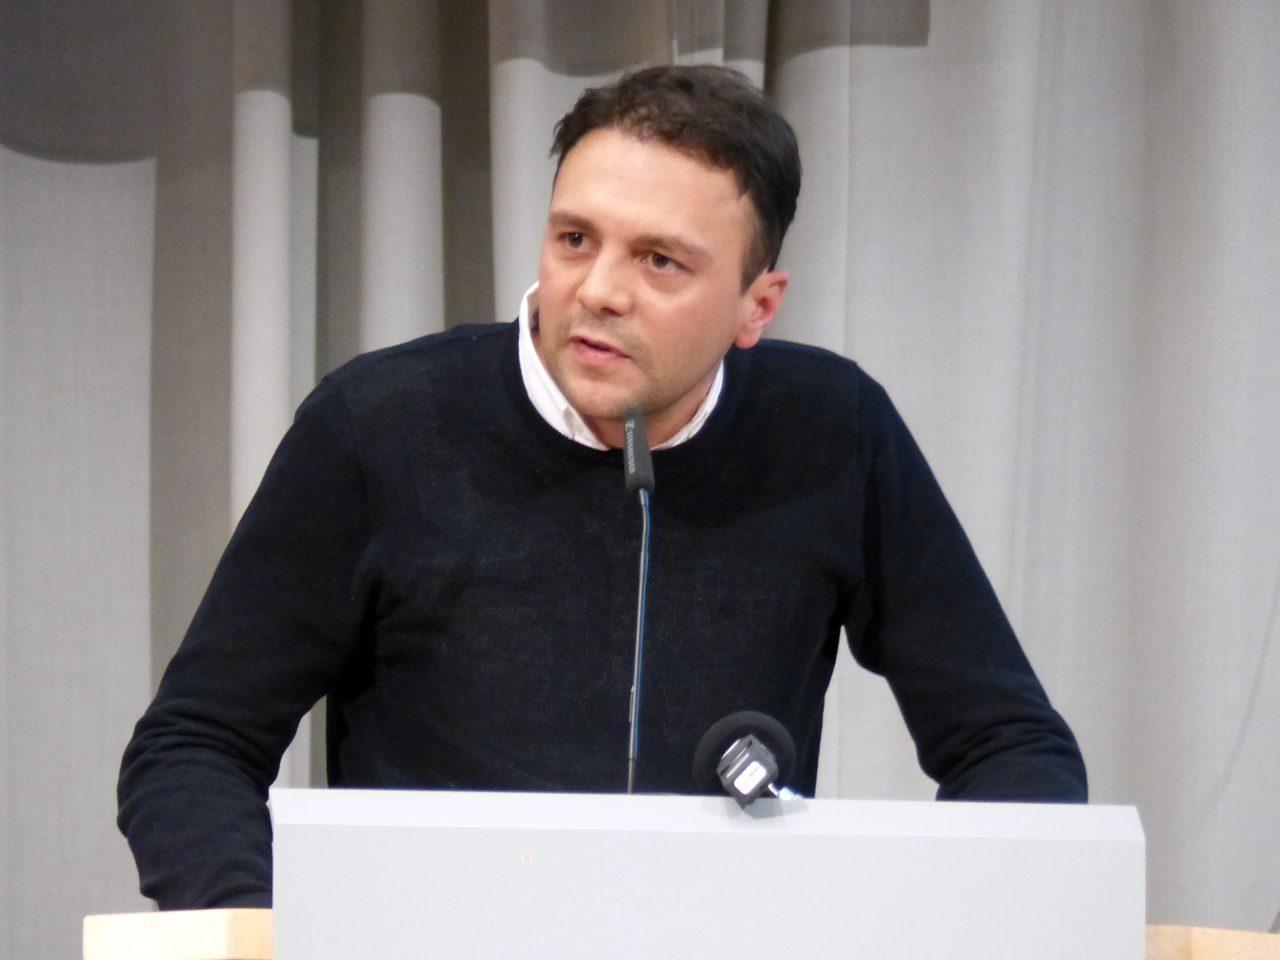 Salvo Pitino lieferte eine gute Rede, doch seine Vergangenheit war wohl ausschlaggebend dafür, dass er nicht reüssierte.